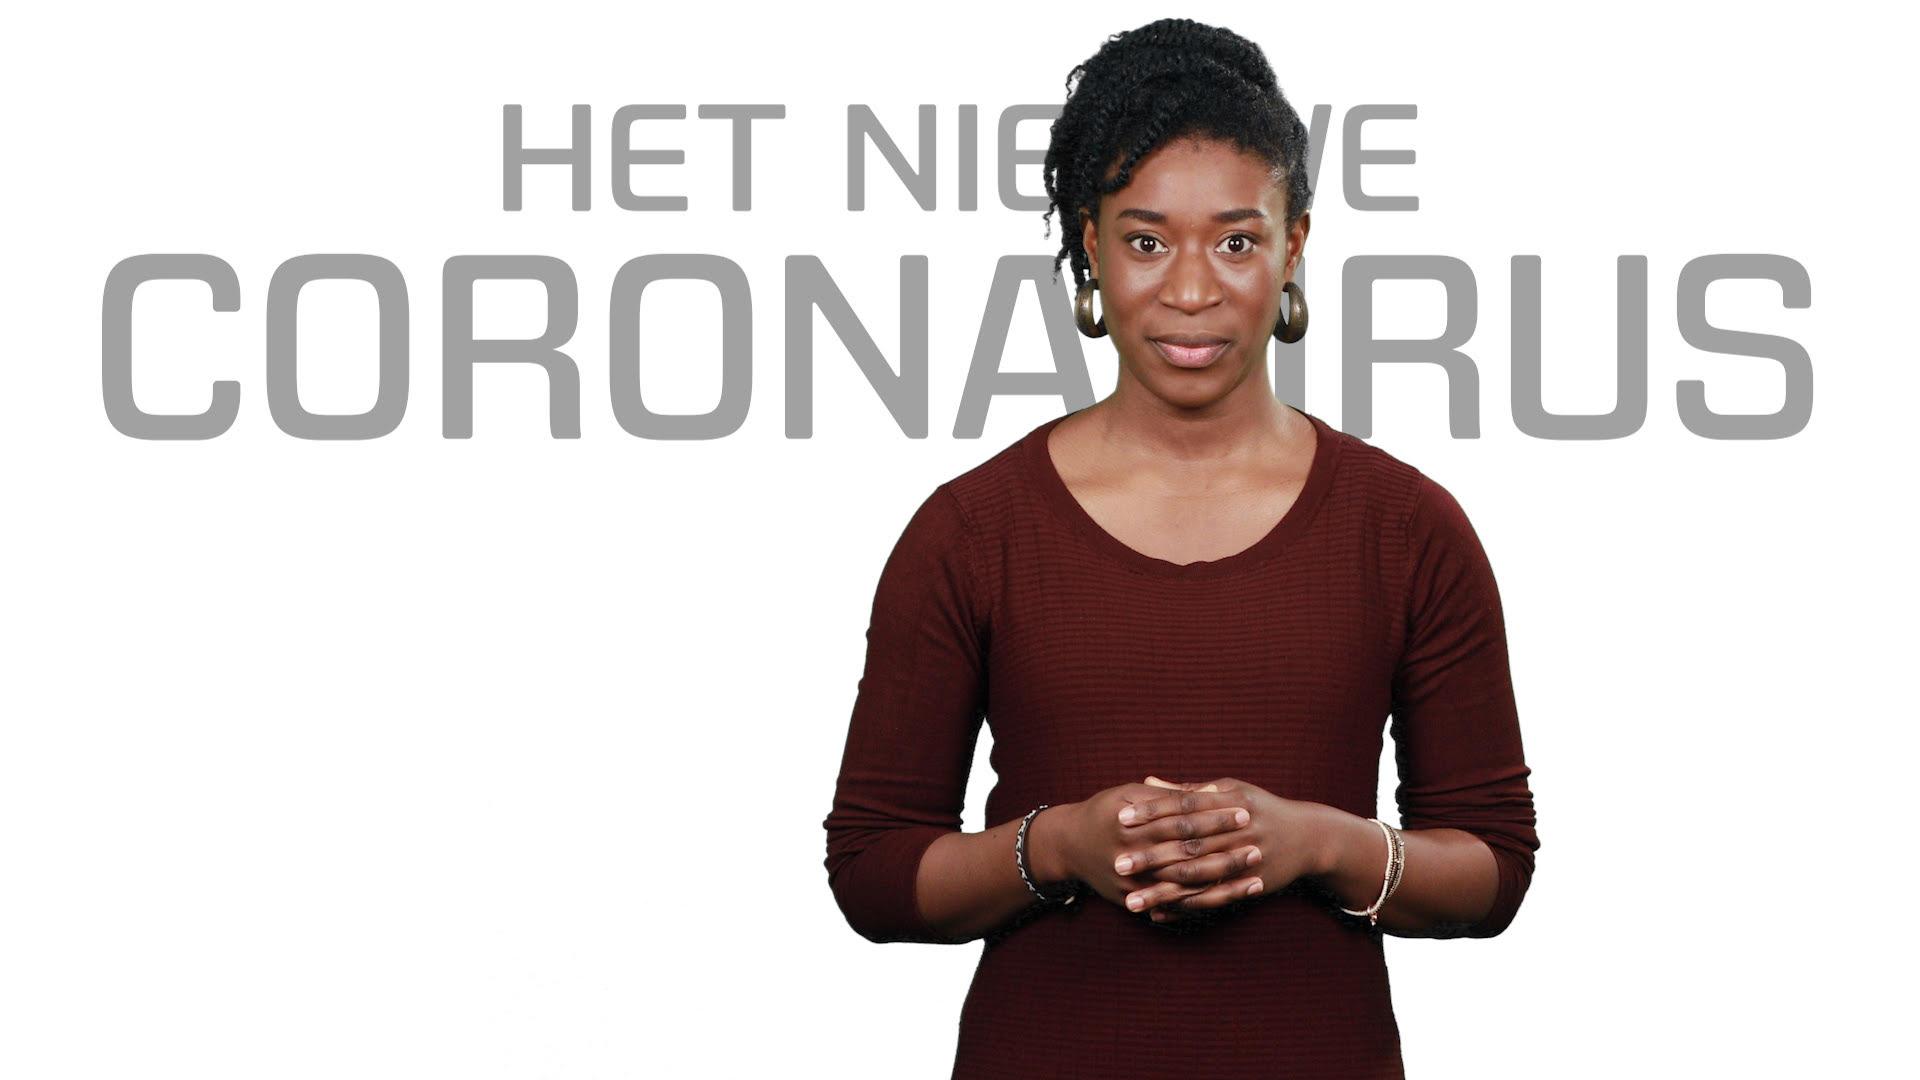 Bekijk de video: Het nieuwe coronavirus